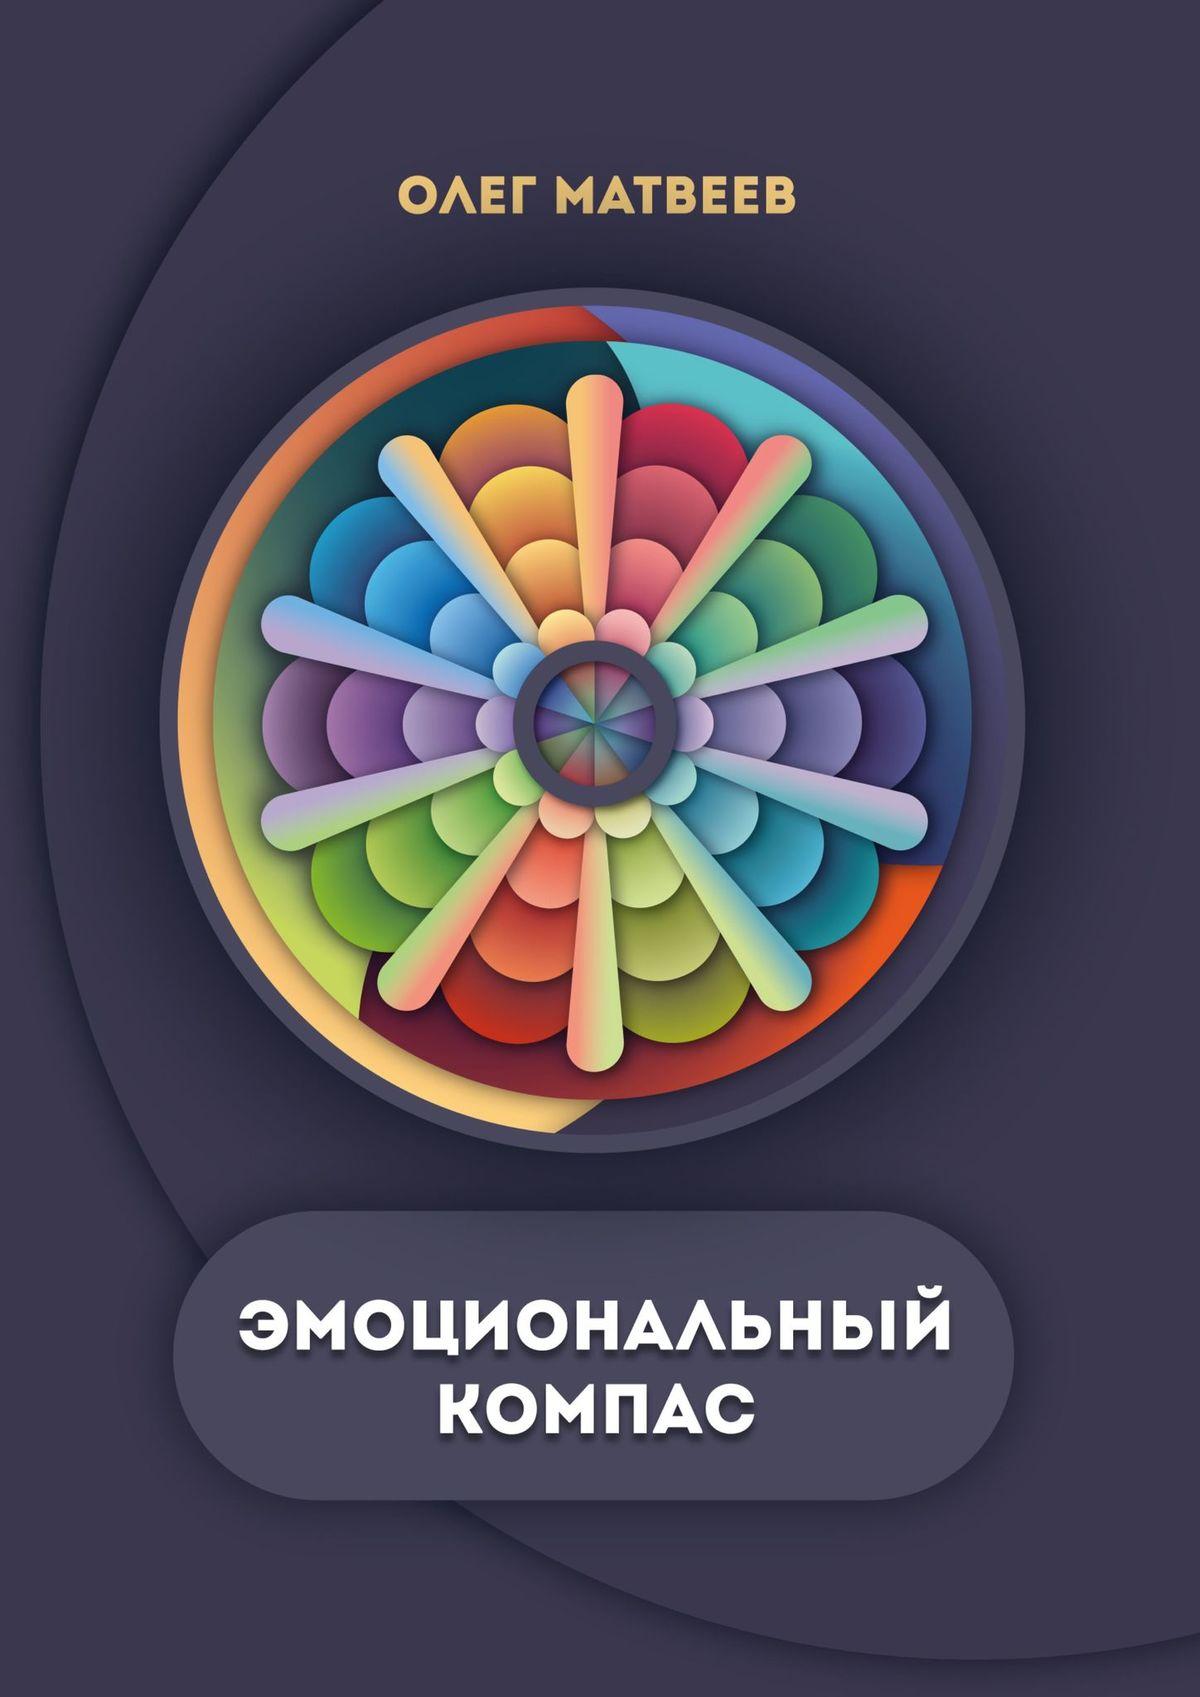 Эмоциональный компас